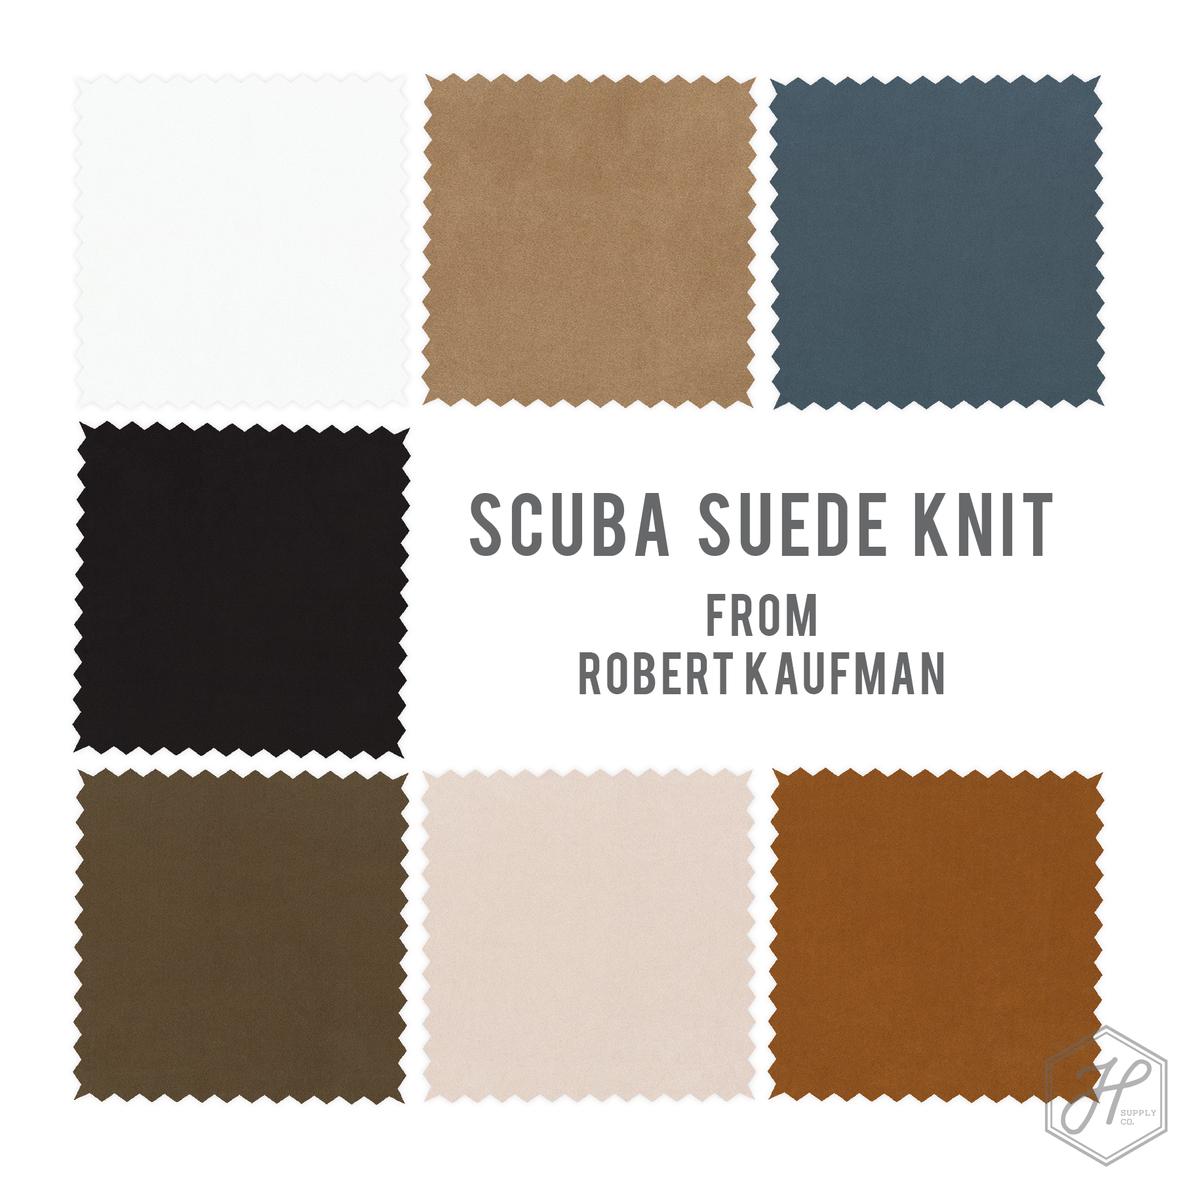 Scuba Suede Knit